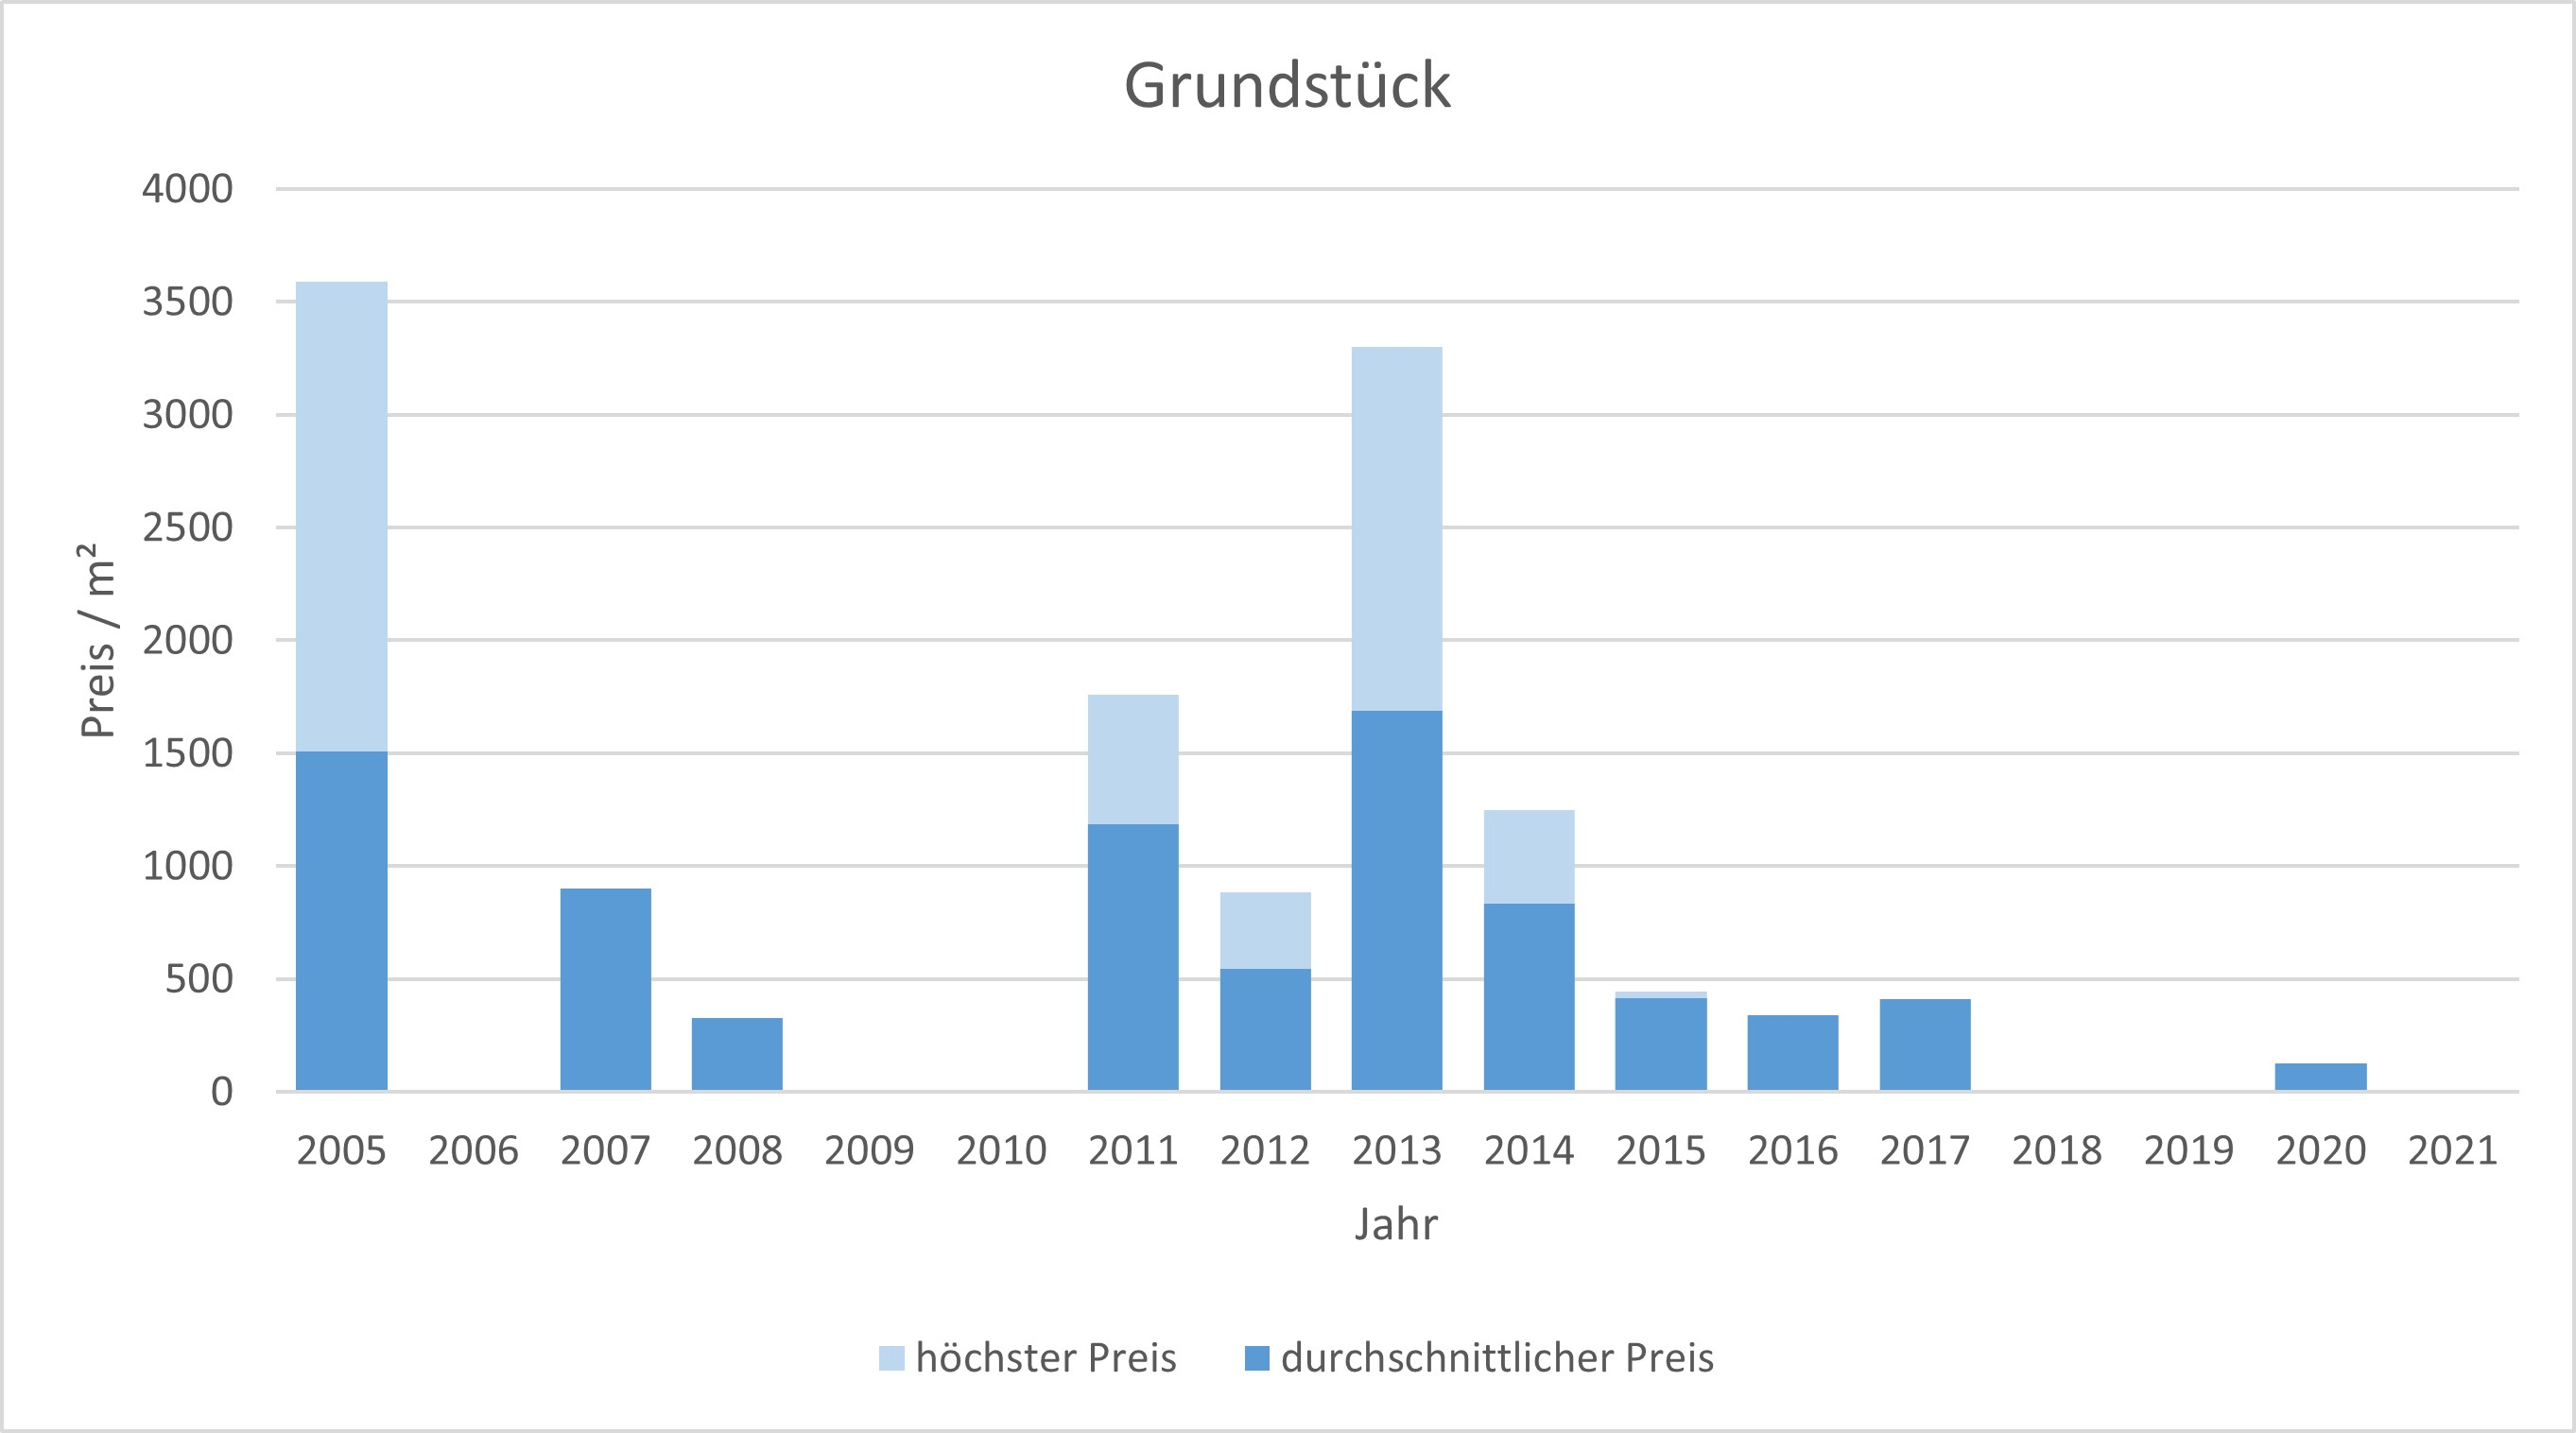 München - Altstadt Grundstück kaufen verkaufen Preis Bewertung Makler 2019 2020 2021 www.happy-immo.de